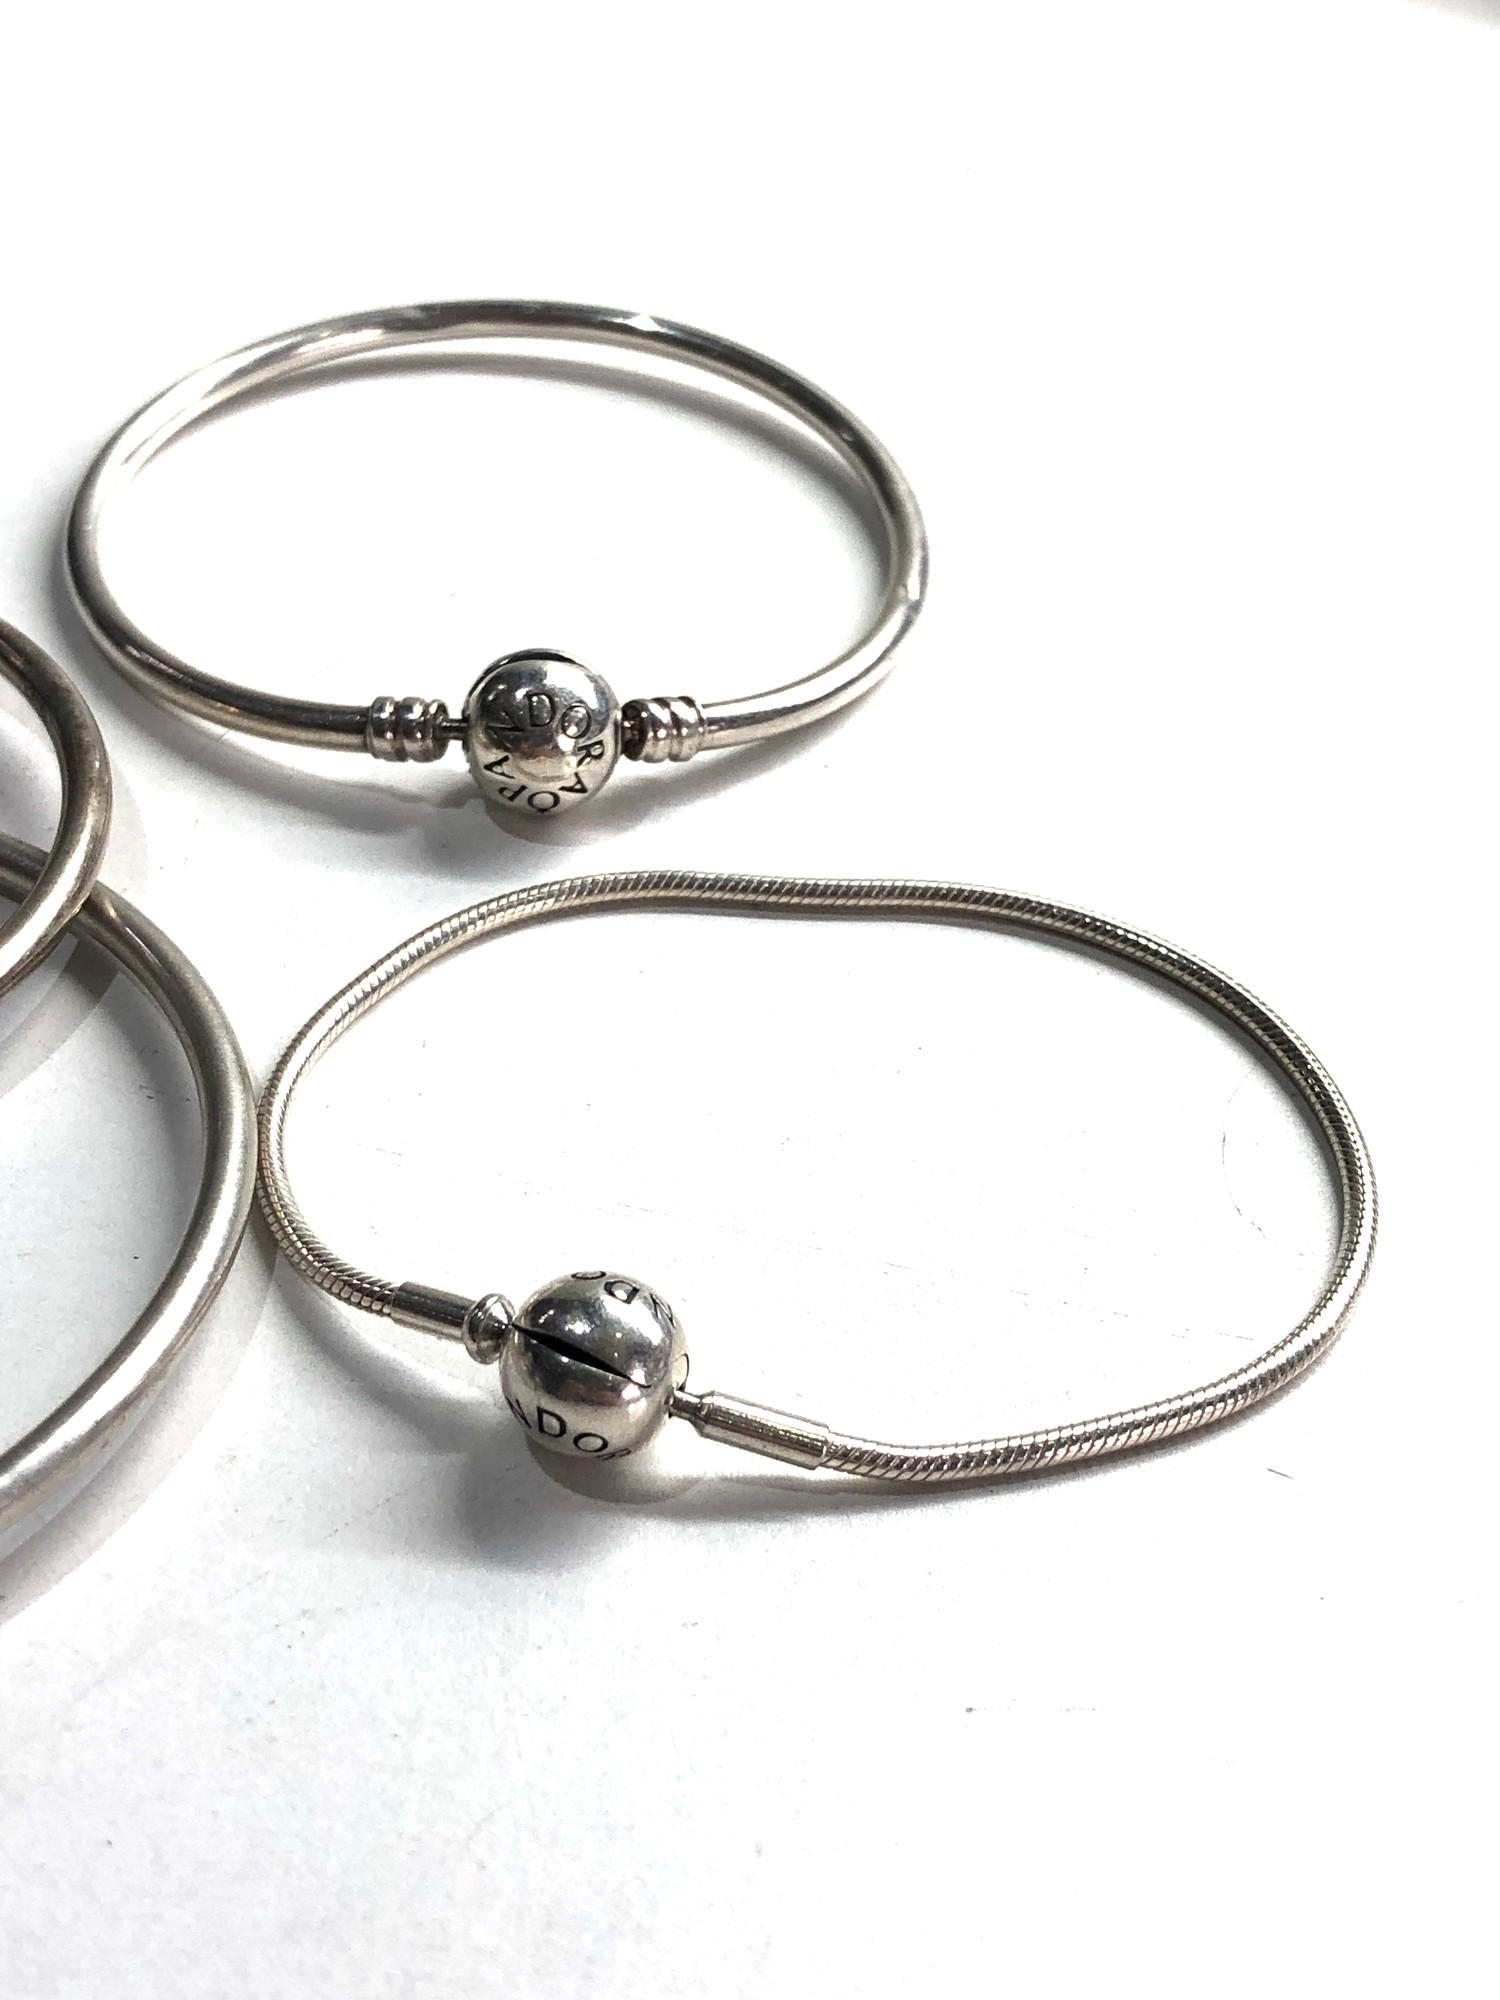 4 silver pandora bracelets - Image 3 of 3